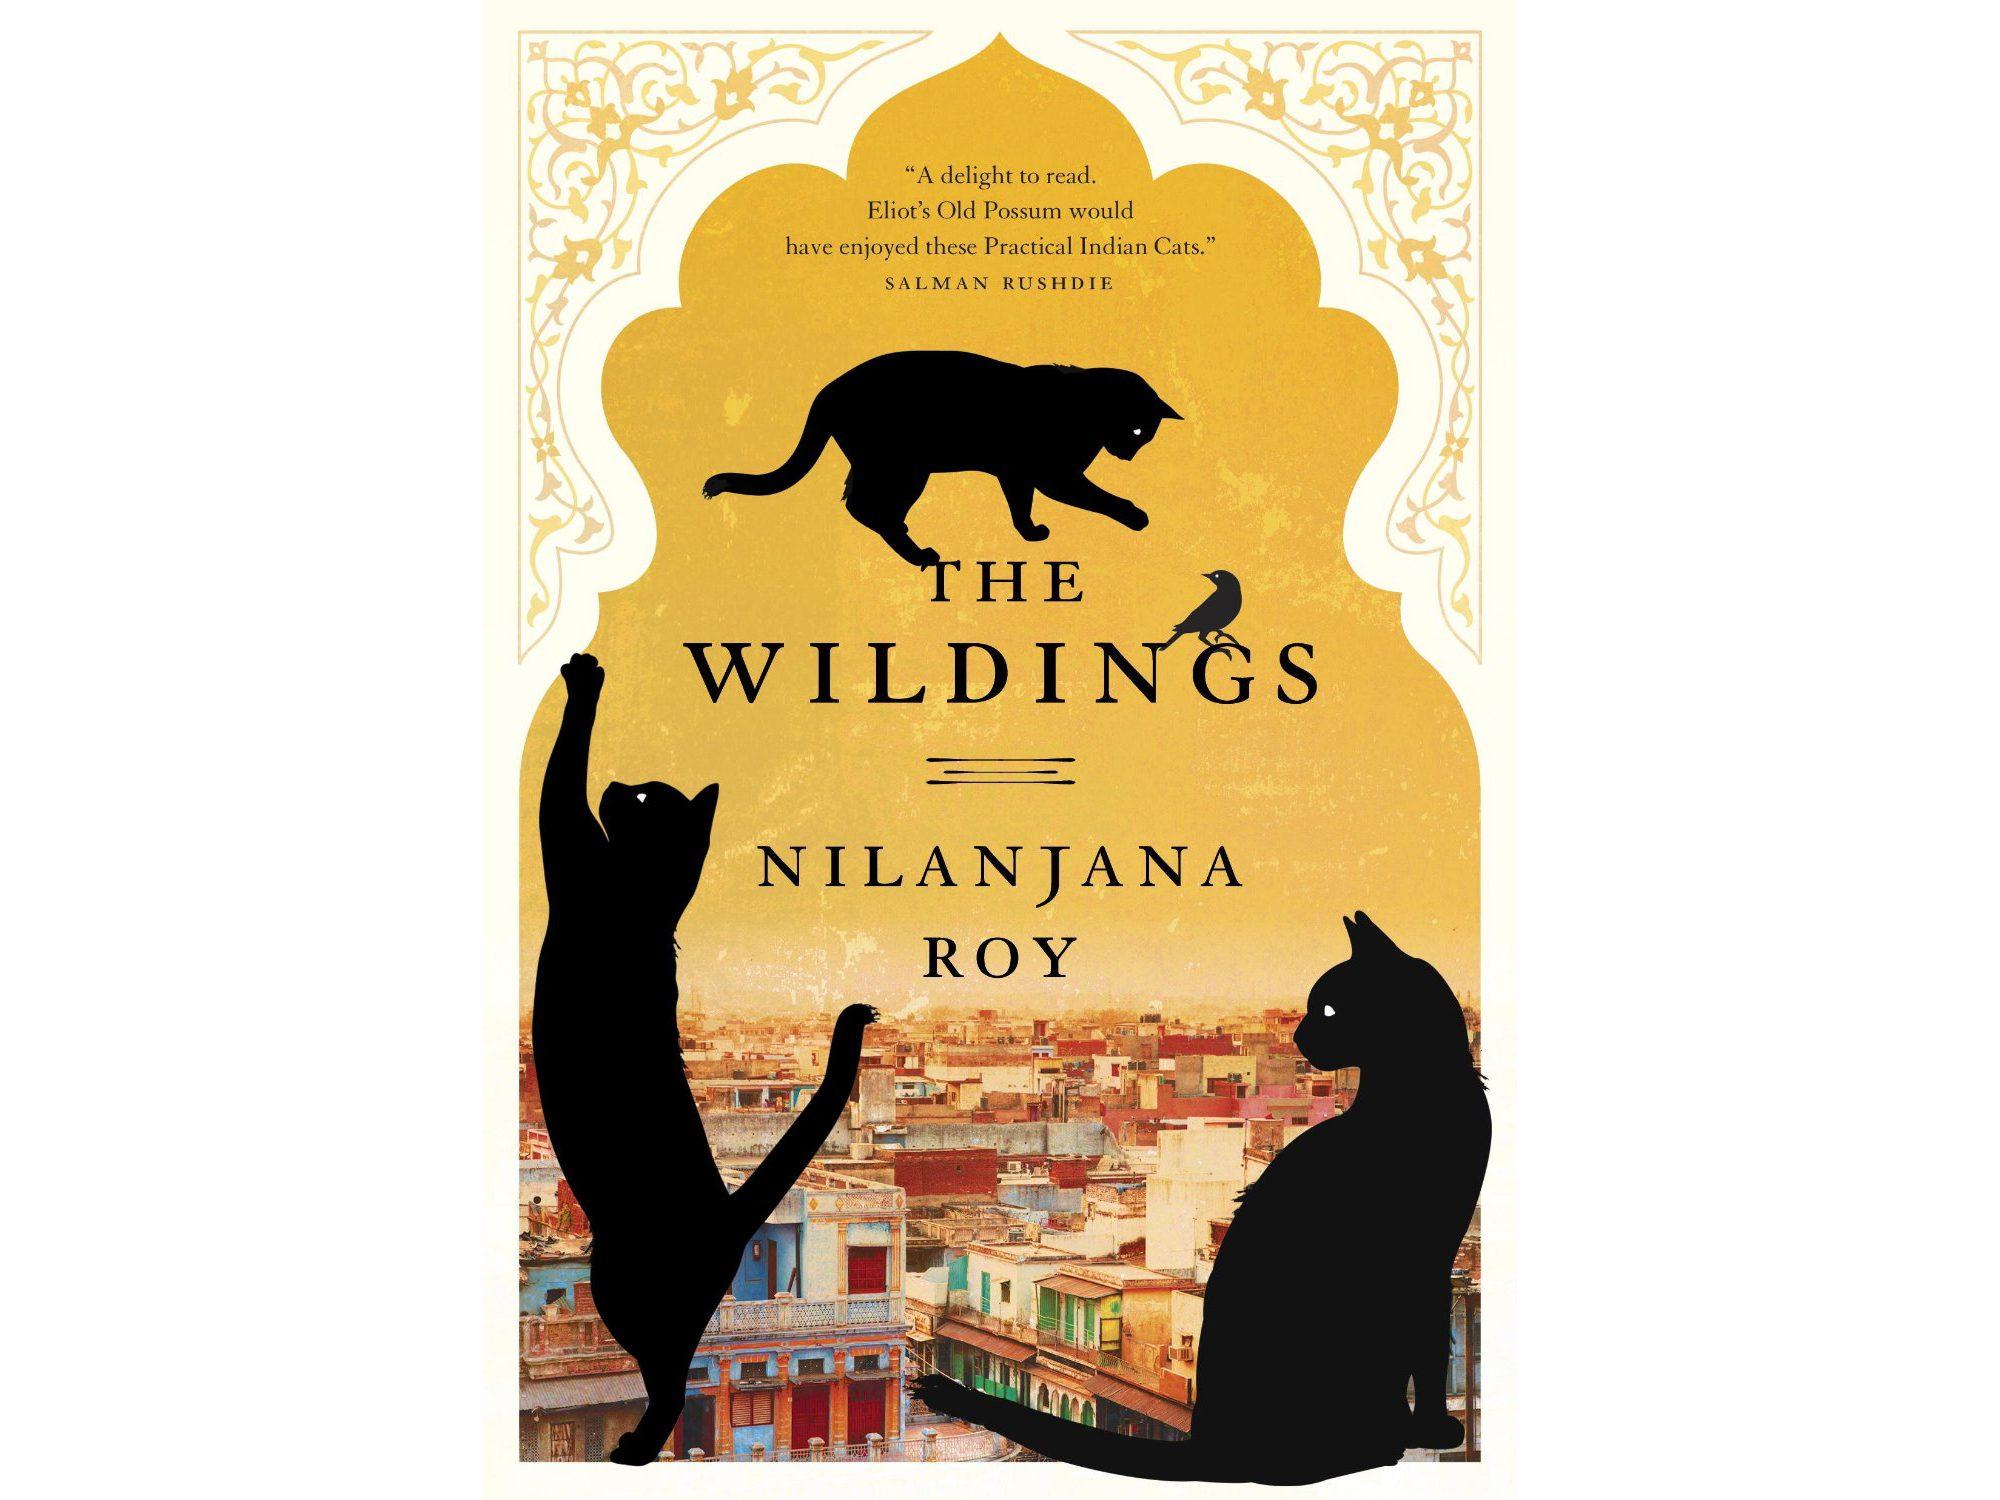 The Wildings by Nilanjana Roy